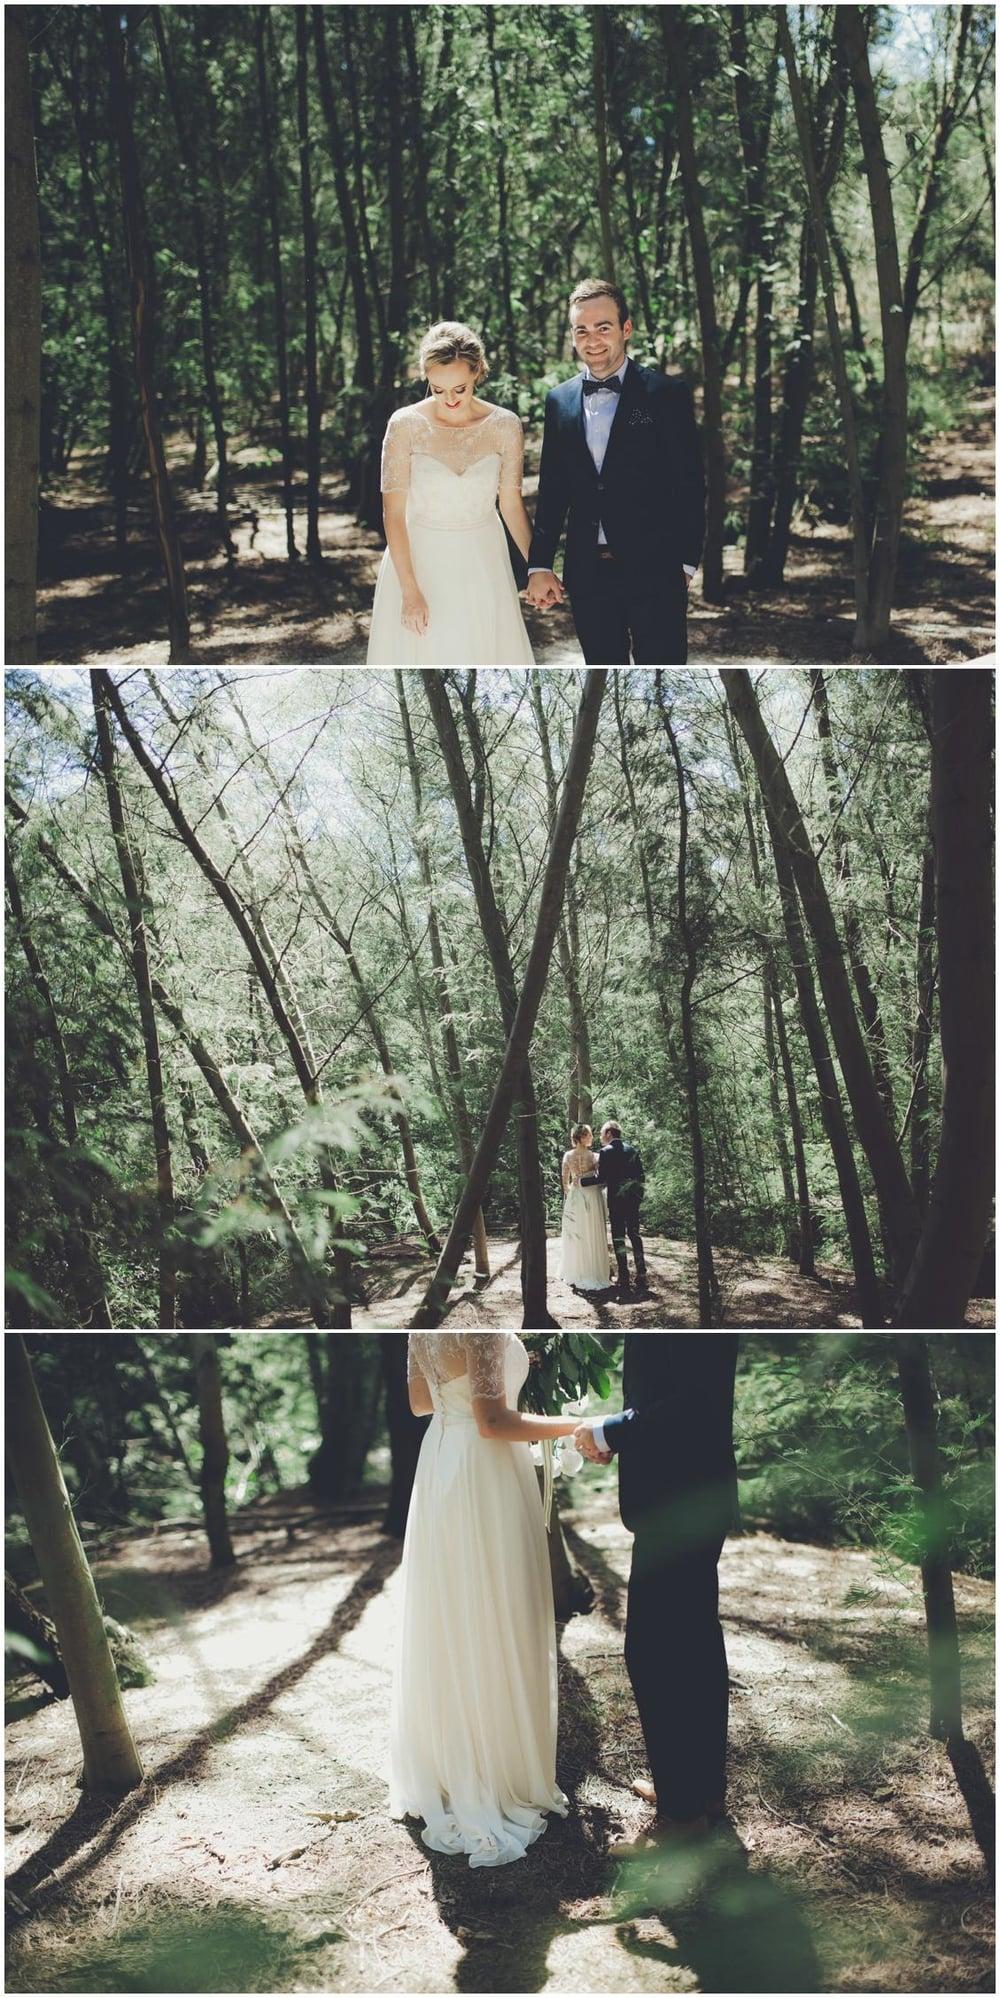 Ruan&Lizzie@Diewoud_FionaClairPhotography-58.jpg